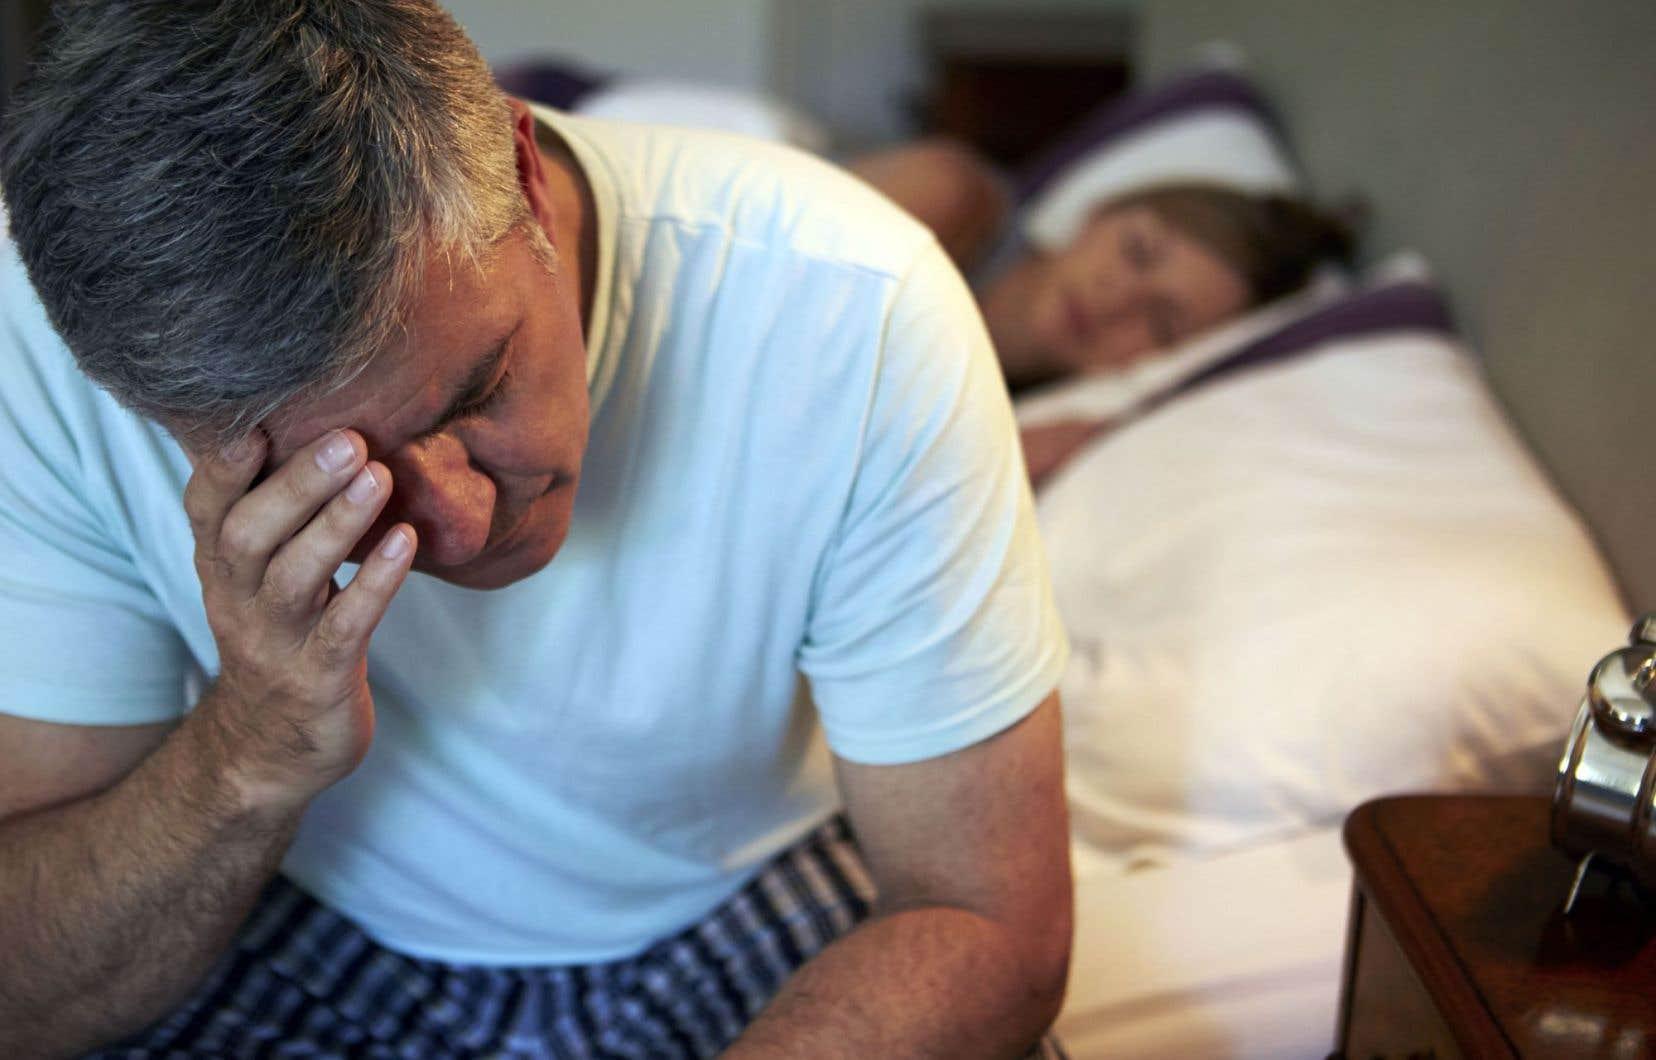 Depuis bientôt quarante ans, Catherine Martos Fichten mène une foule de travaux originaux. Ainsi s'est-elle intéressée aux problèmes d'insomnie chez les personnes âgées.